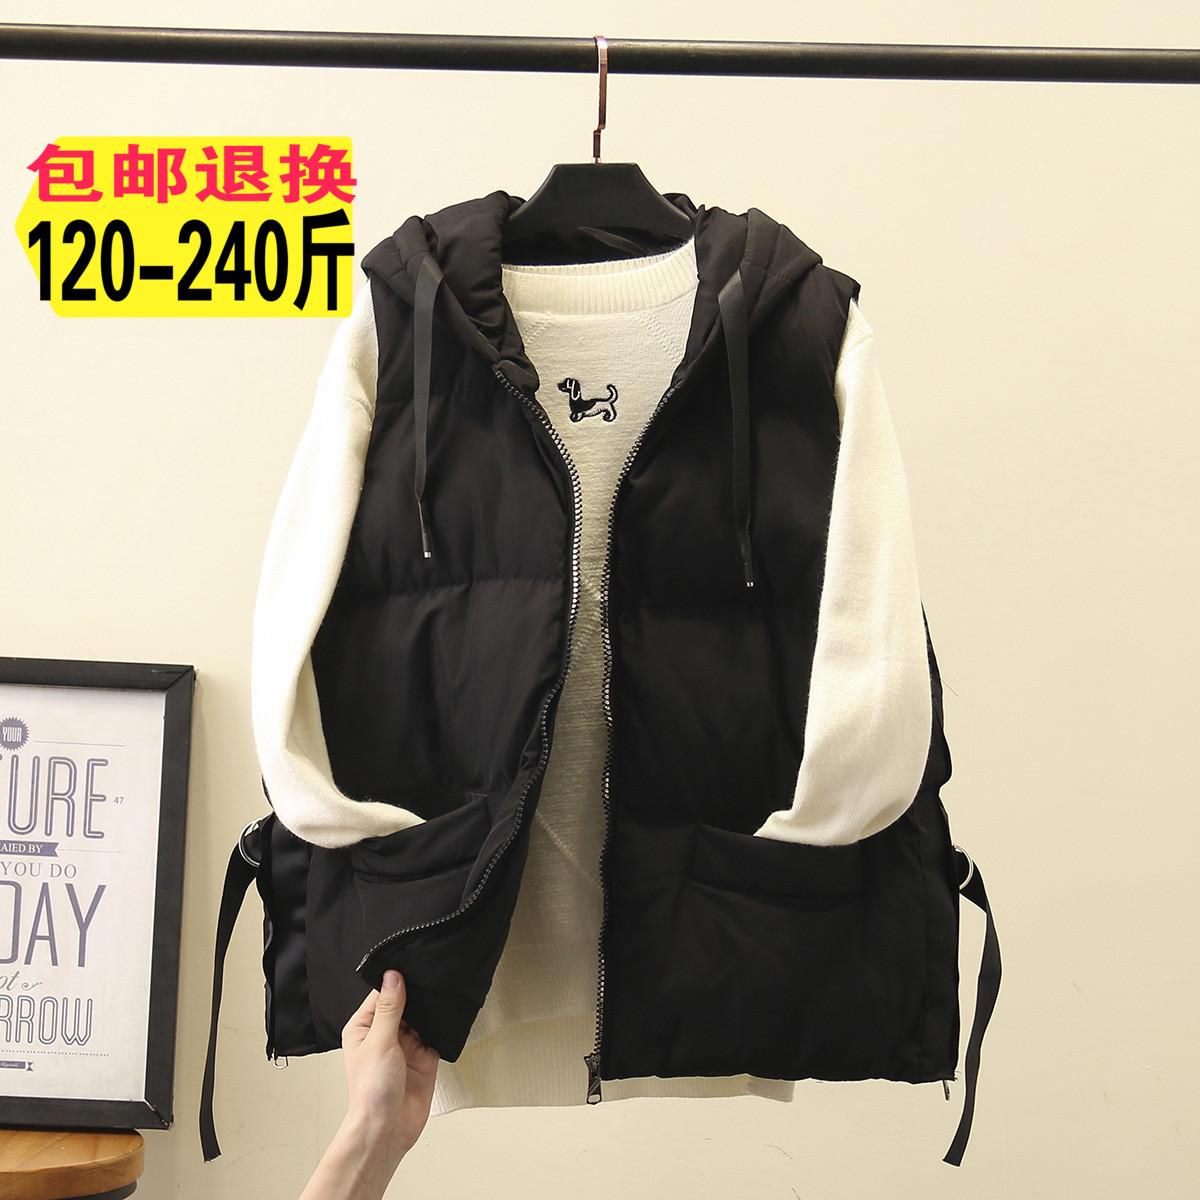 230 kg kích thước lớn phụ nữ ngắn đoạn dày áo khoác cotton áo khoác béo mm cộng với cotton không tay mặc áo ngoài 240 kg - Áo vest